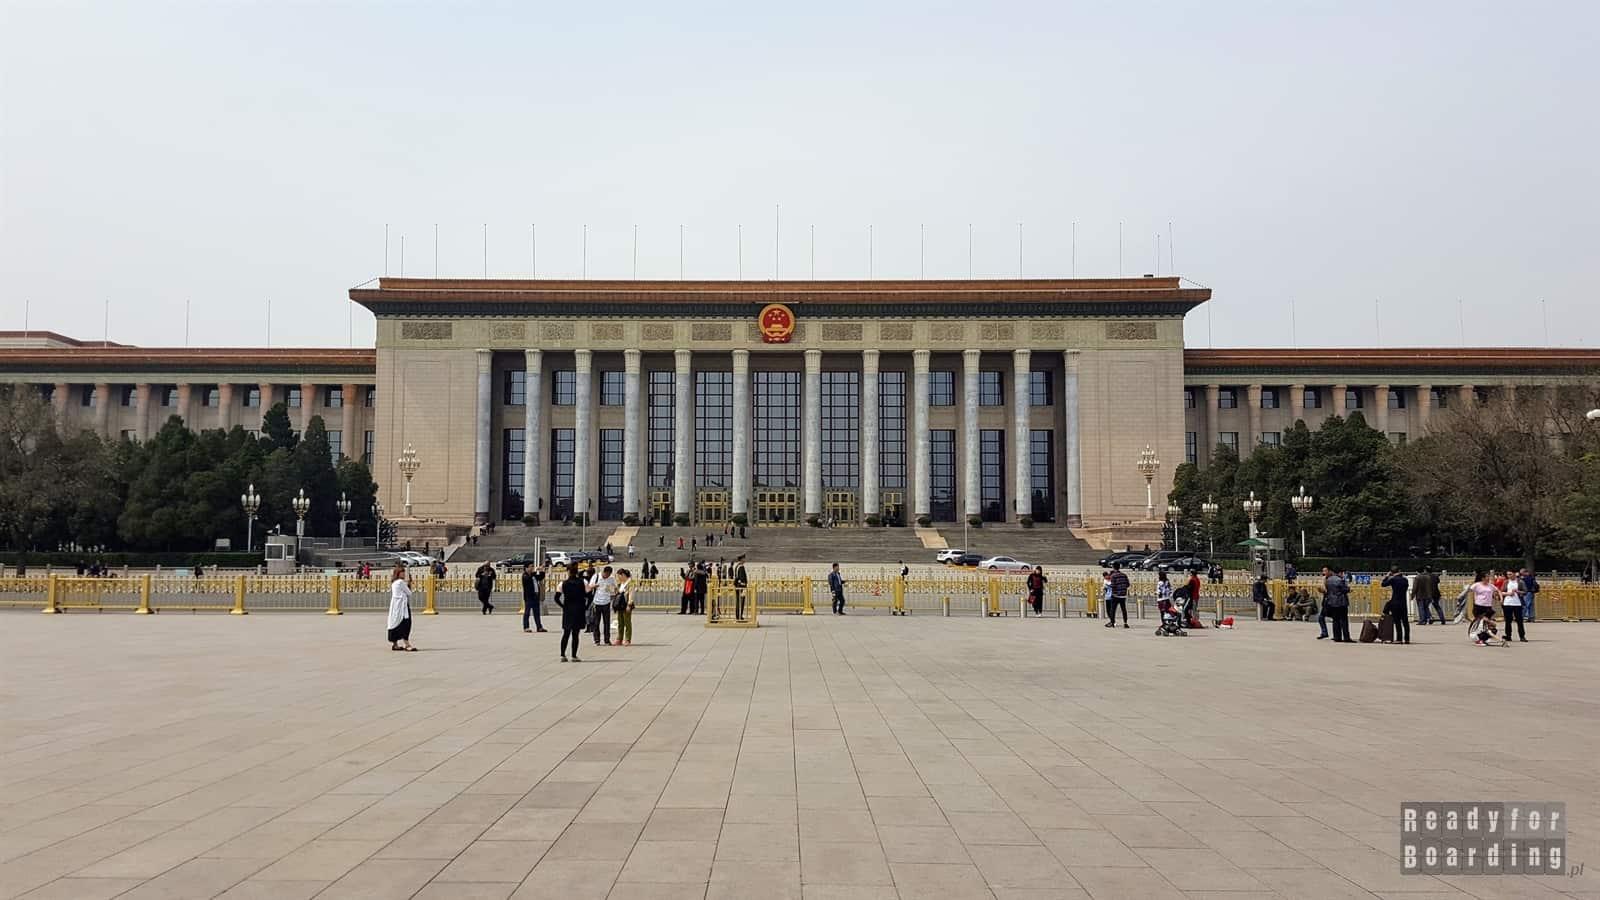 Wielka Hala Ludowa, Plac Tiananmen, Pekin